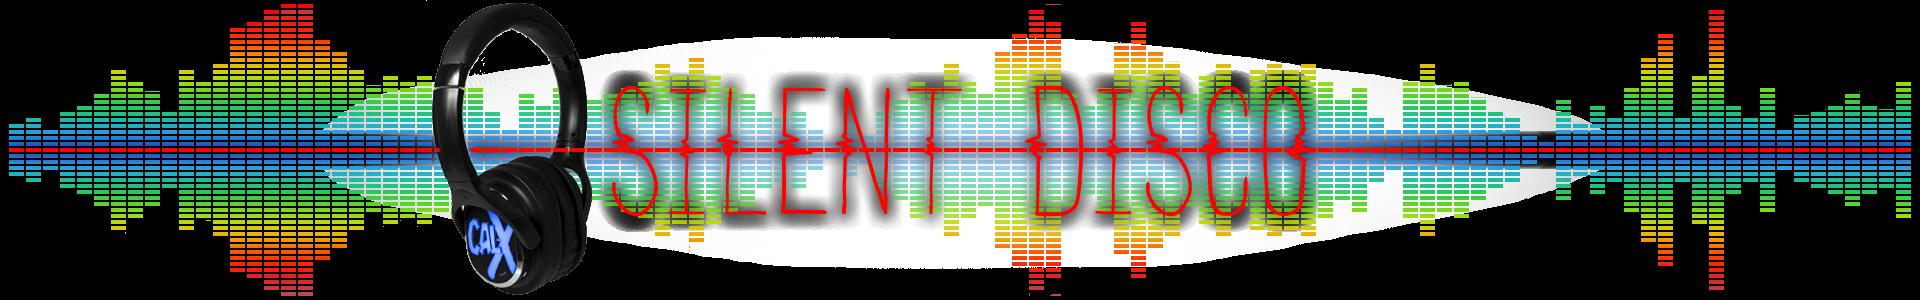 Silent Disco Equipment Hire | Banner | CAL-X Rentals